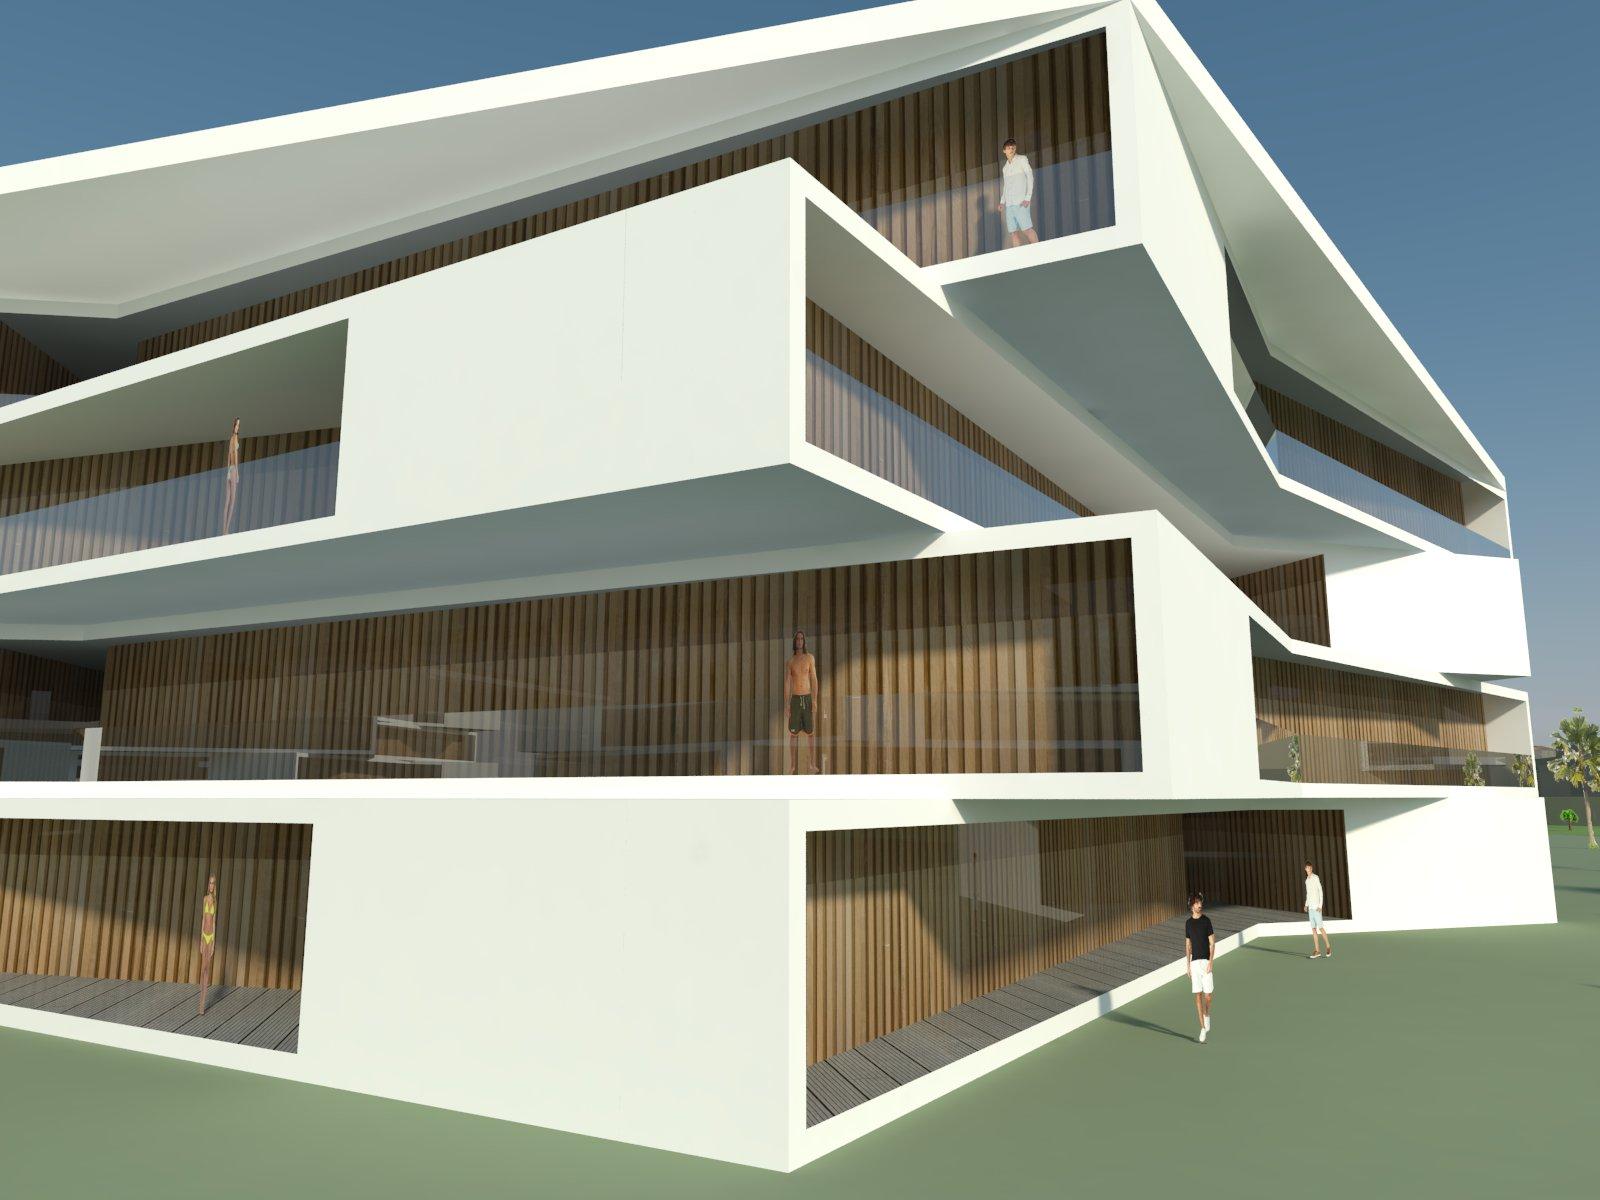 Monte Final - 3D_Unidade Hoteleira - Quartos pormenor 01.jpg